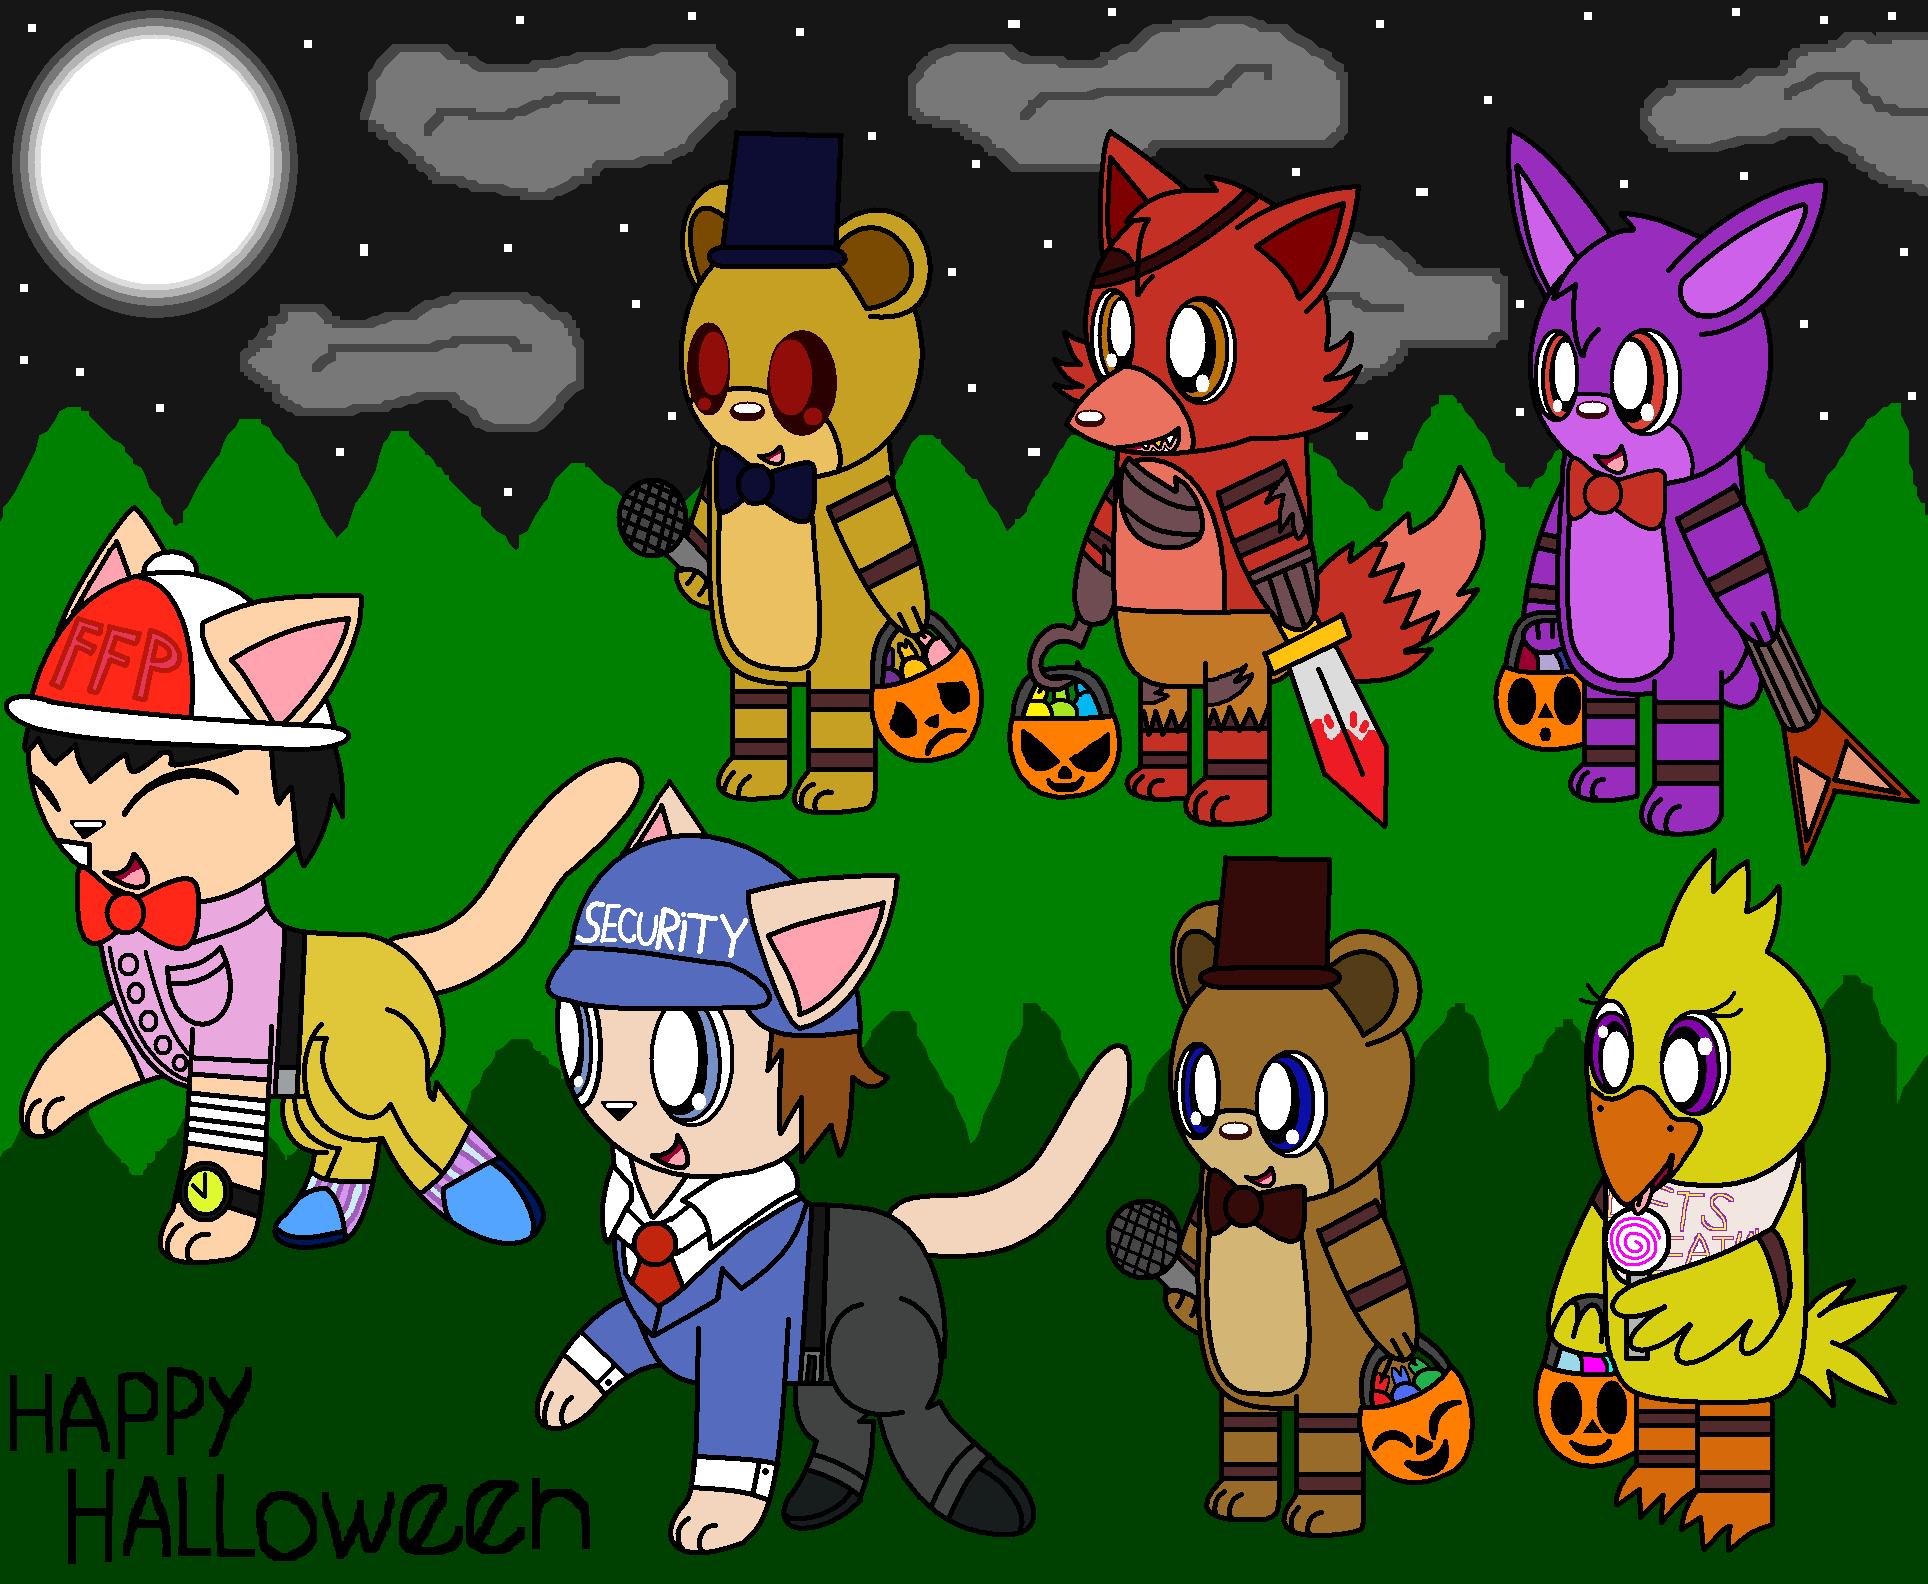 Fnaf Chibi Halloween Night by pokemonlpsfan on DeviantArt